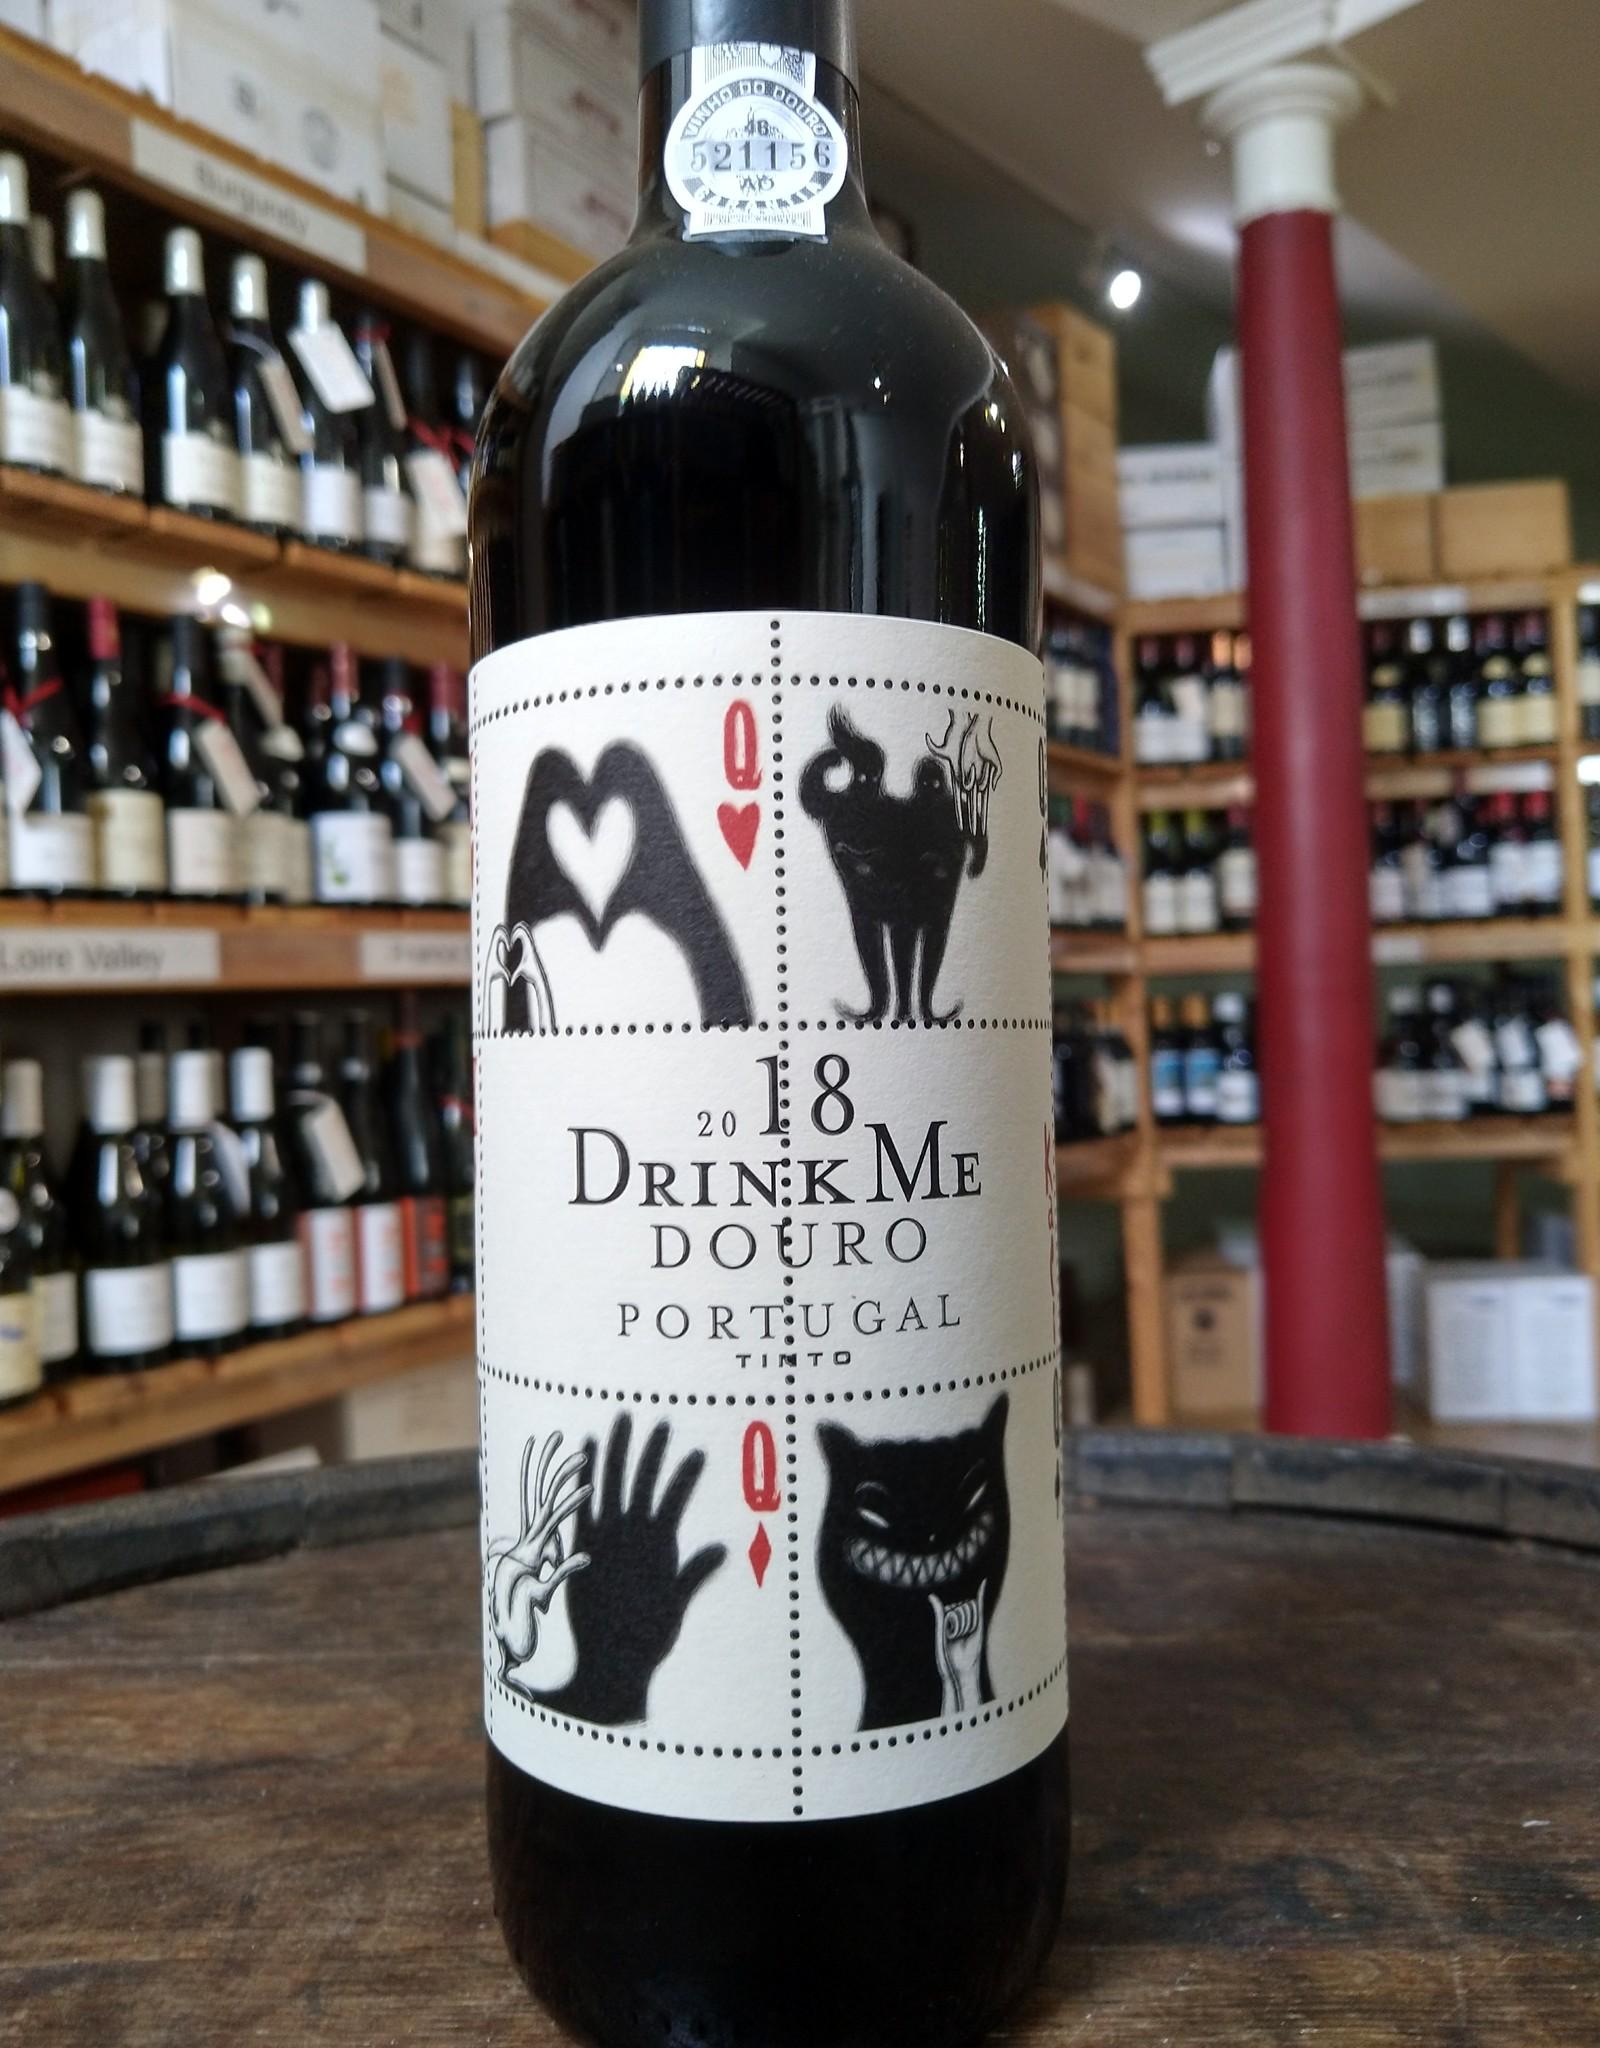 2018 Drink Me Douro Tinto, Niepoort